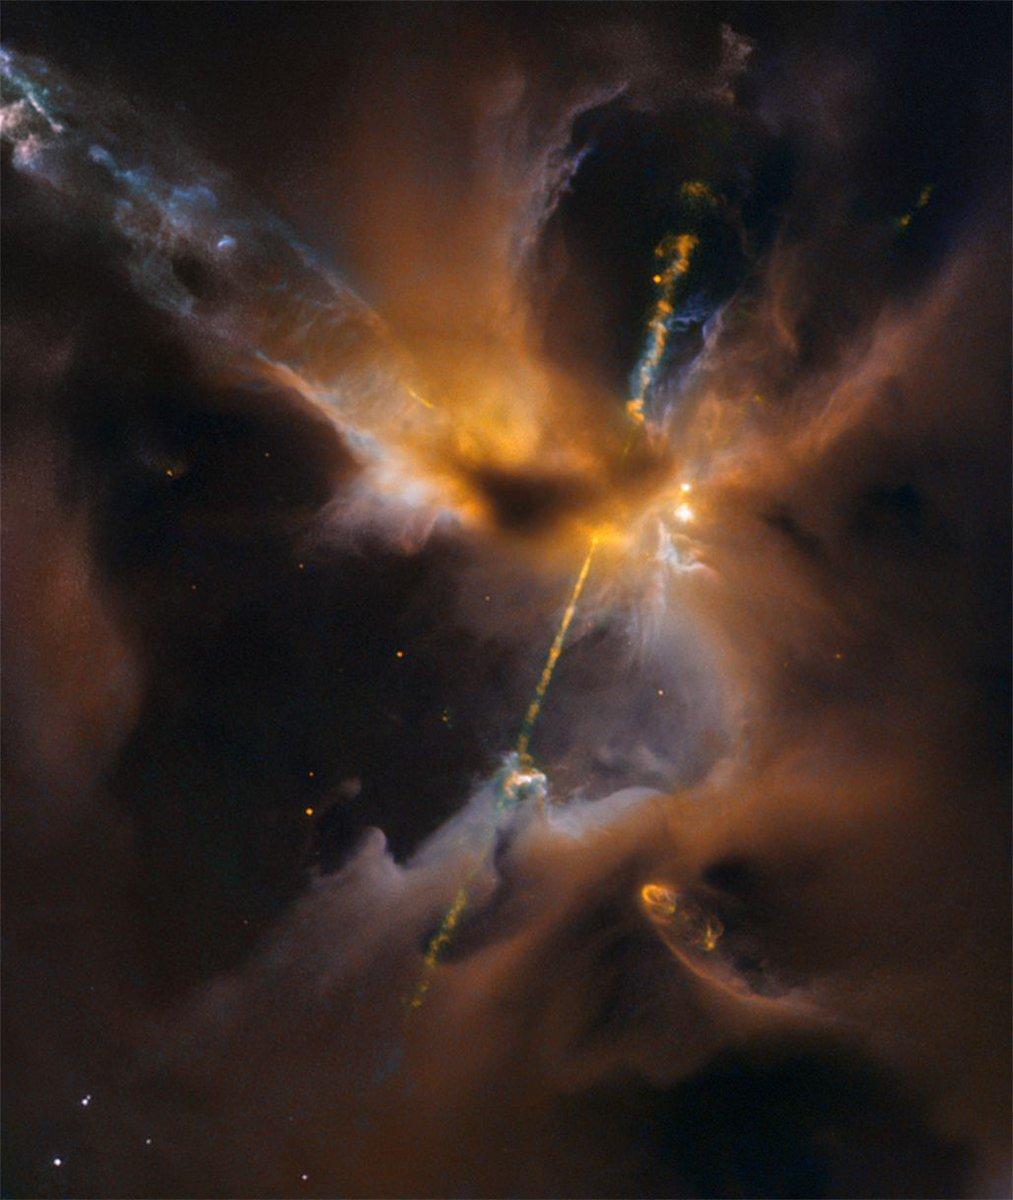 Este extraño paisaje es la cuna de una estrella recién nacida. Está oculta entre las nubes de gas y polvo, pero los chorros de material delatan su presencia. La región mide solo medio año-luz y está a 1300 años-luz del Sistema Solar.  Crédito: NASA/ESA/Hubble #FelizJueves https://t.co/qy1gDpz47b